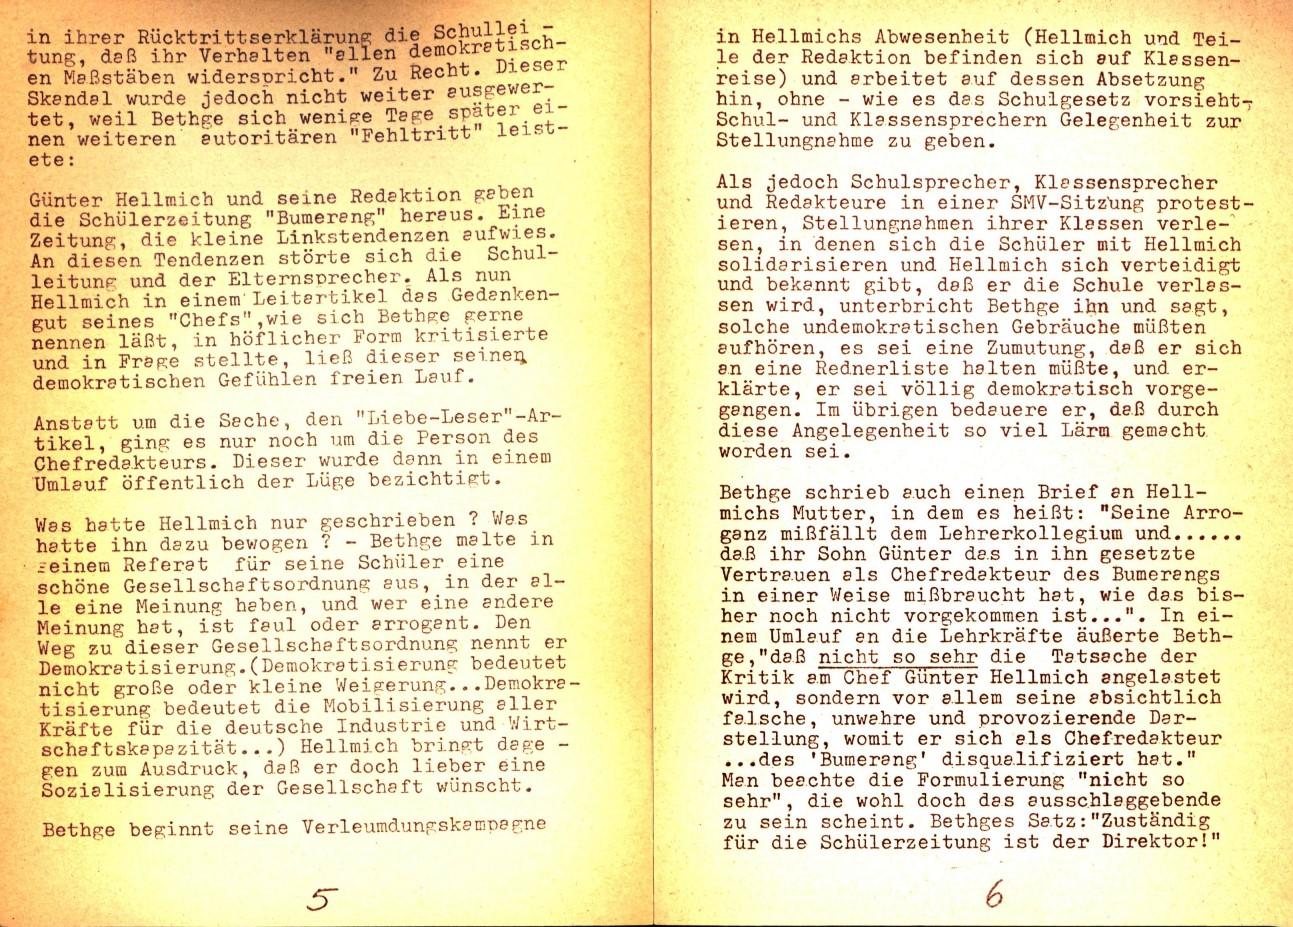 Berlin_SMV_Broschuere_Schulkampf_1969_05